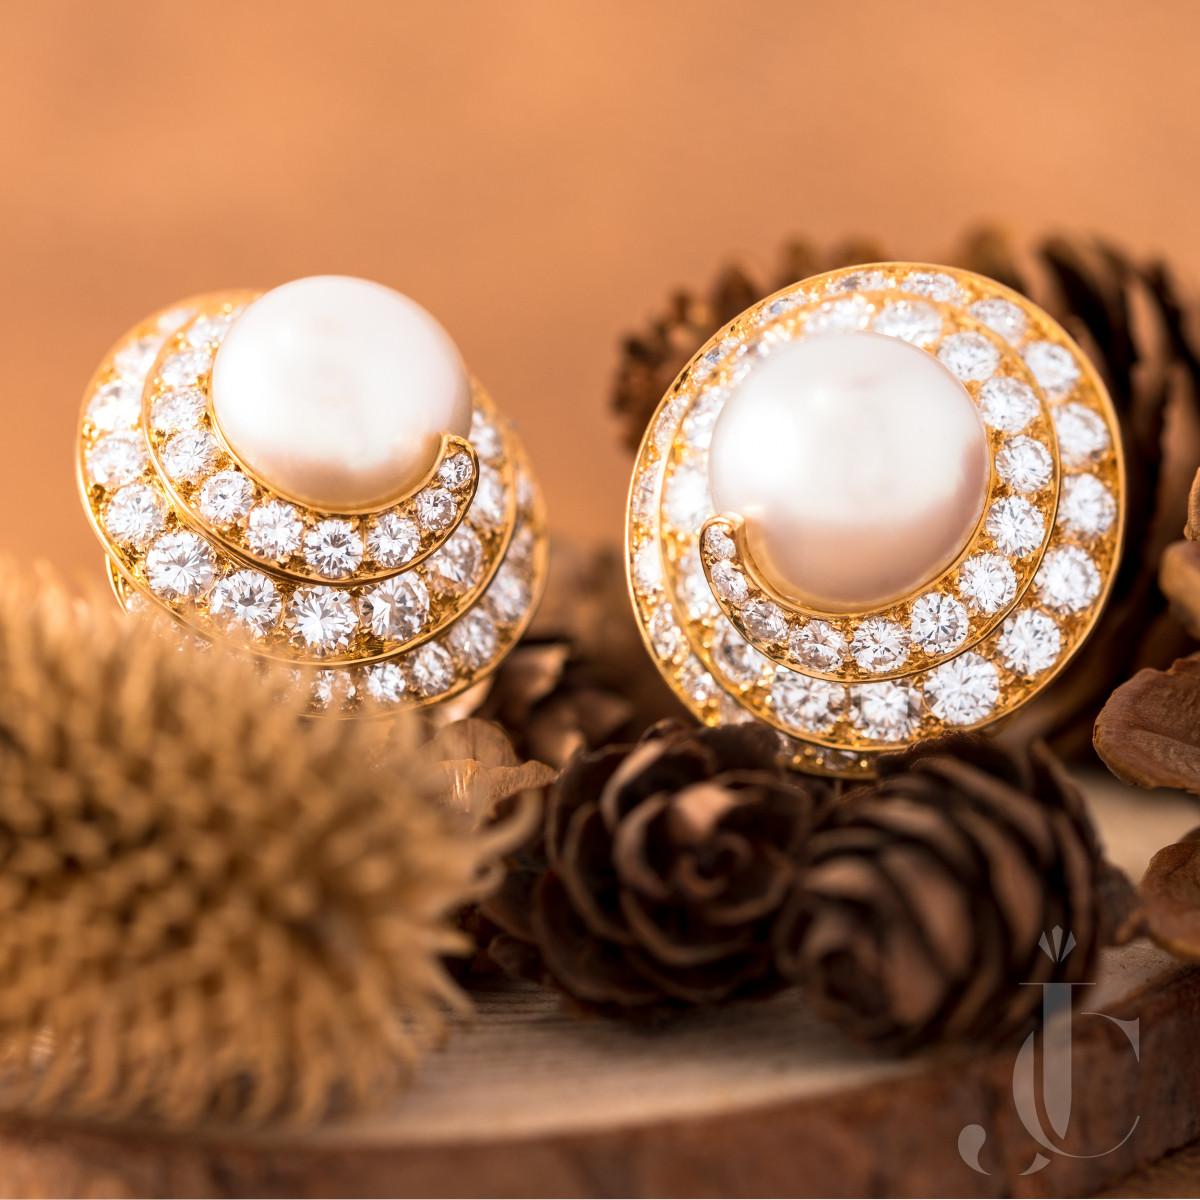 Van Cleef & Arpels Pearl and Diamond Ear Clips